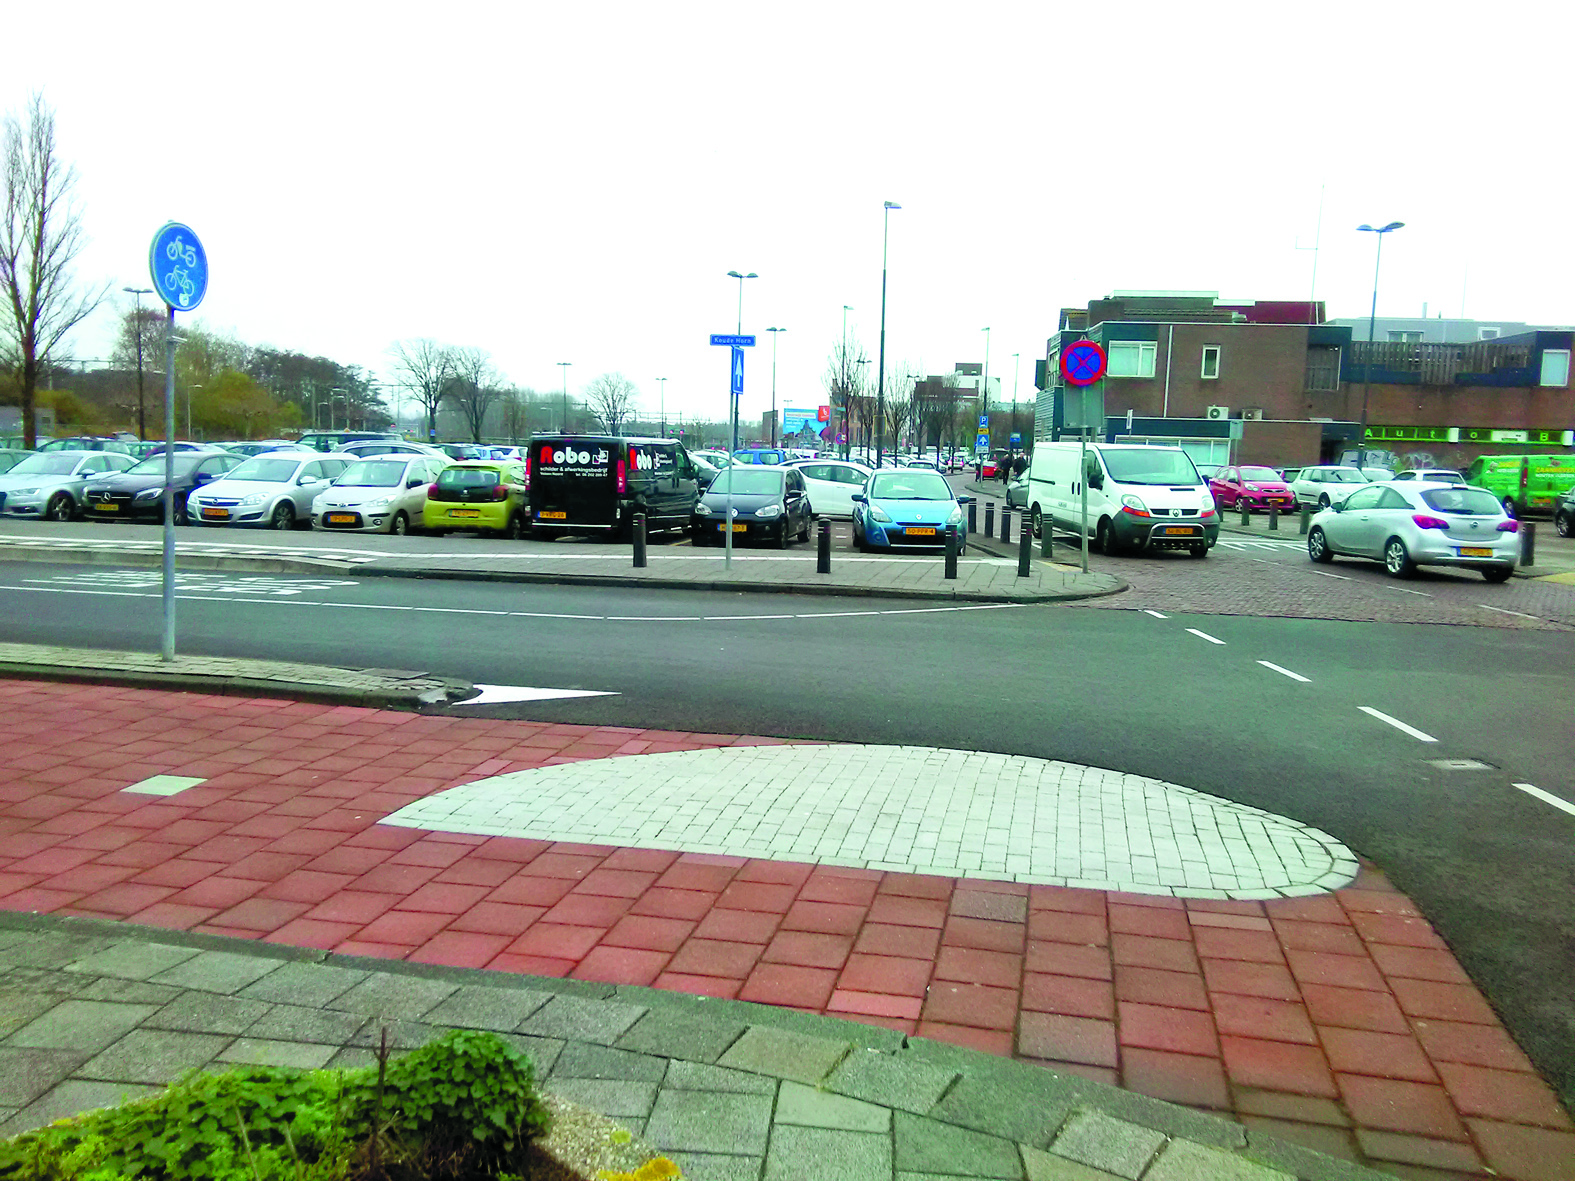 Ook op het parkeerterrein Meerplein was geen plaats meer. (FOTO EN TEKST: CO BACKER)